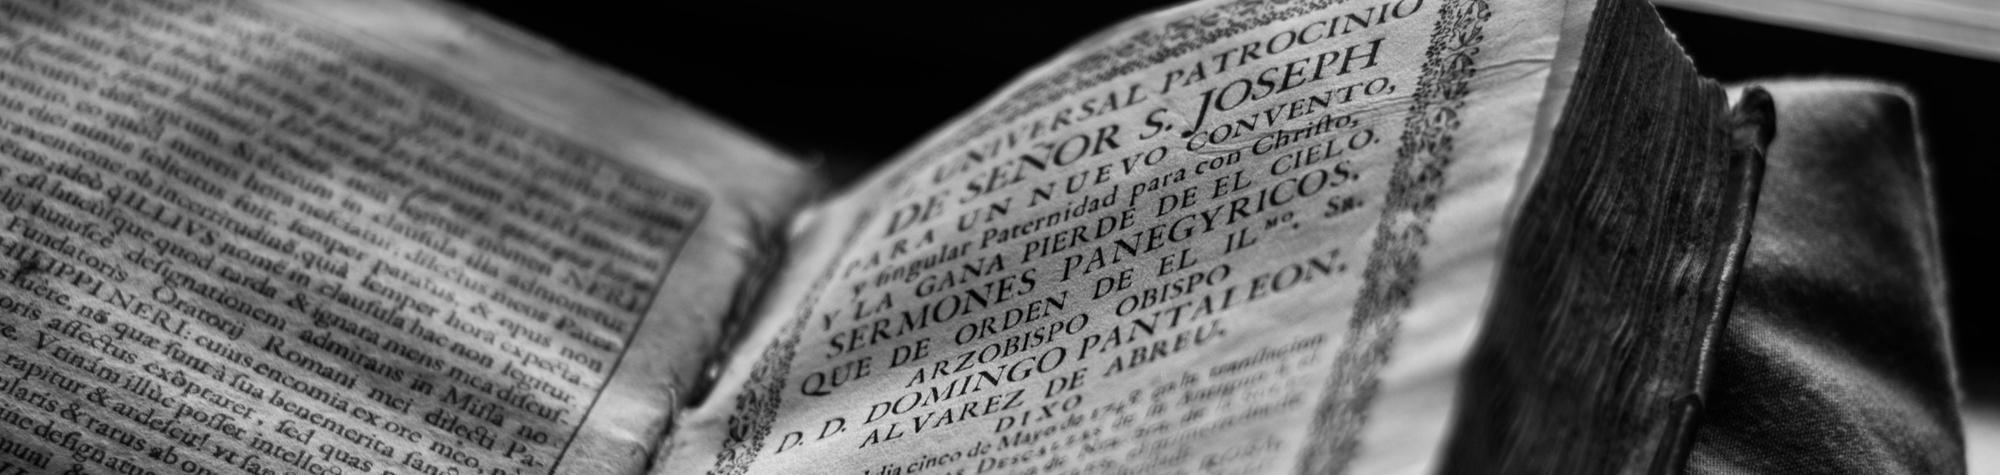 Carte: Spovedania unui preot ateu